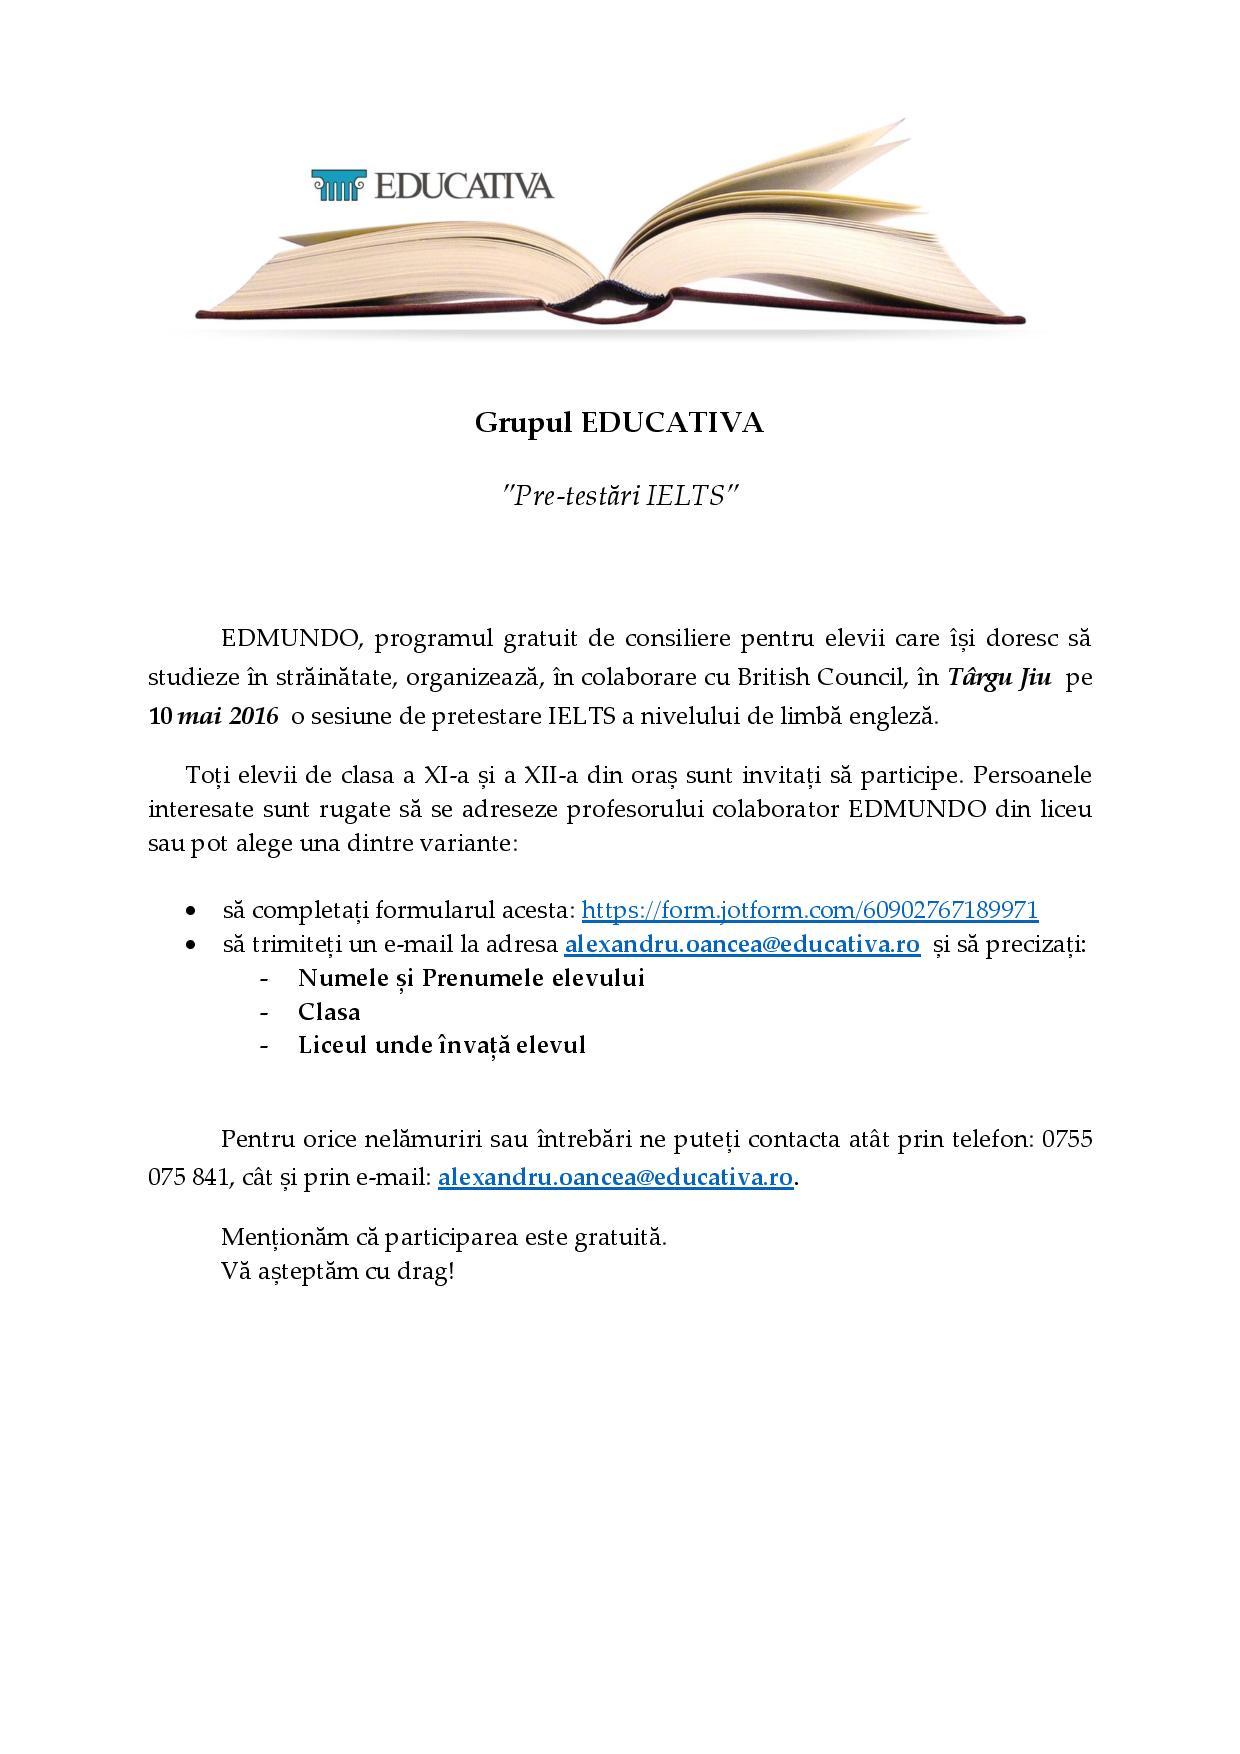 Invitatie 2016 Ielts Tg Jiu 10 mai-page-001